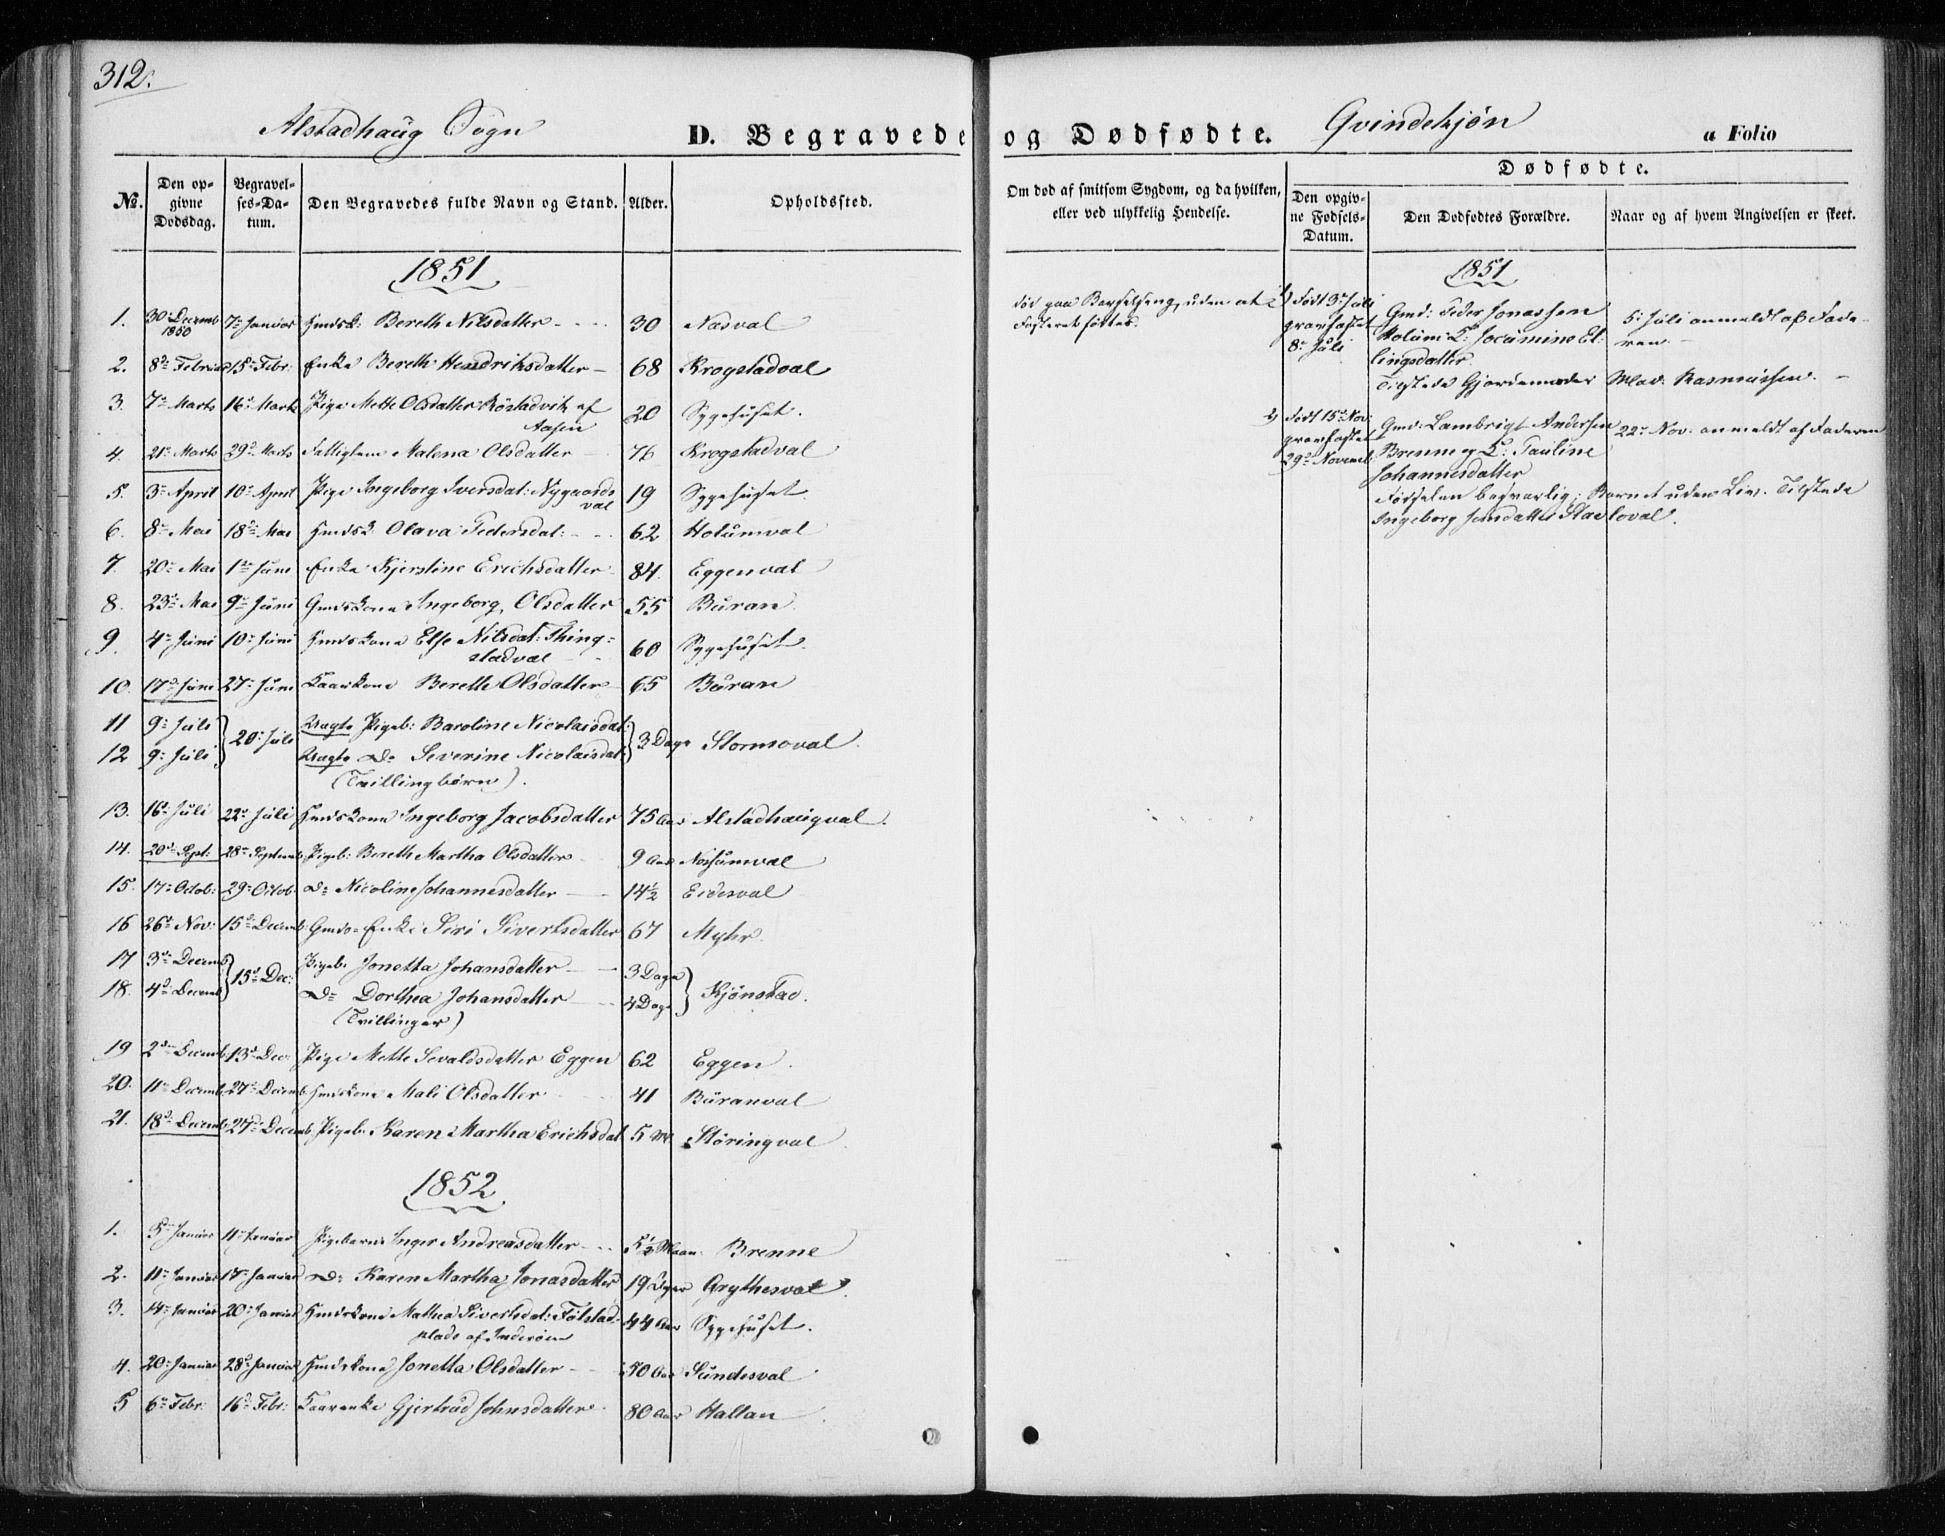 SAT, Ministerialprotokoller, klokkerbøker og fødselsregistre - Nord-Trøndelag, 717/L0154: Ministerialbok nr. 717A07 /1, 1850-1862, s. 312